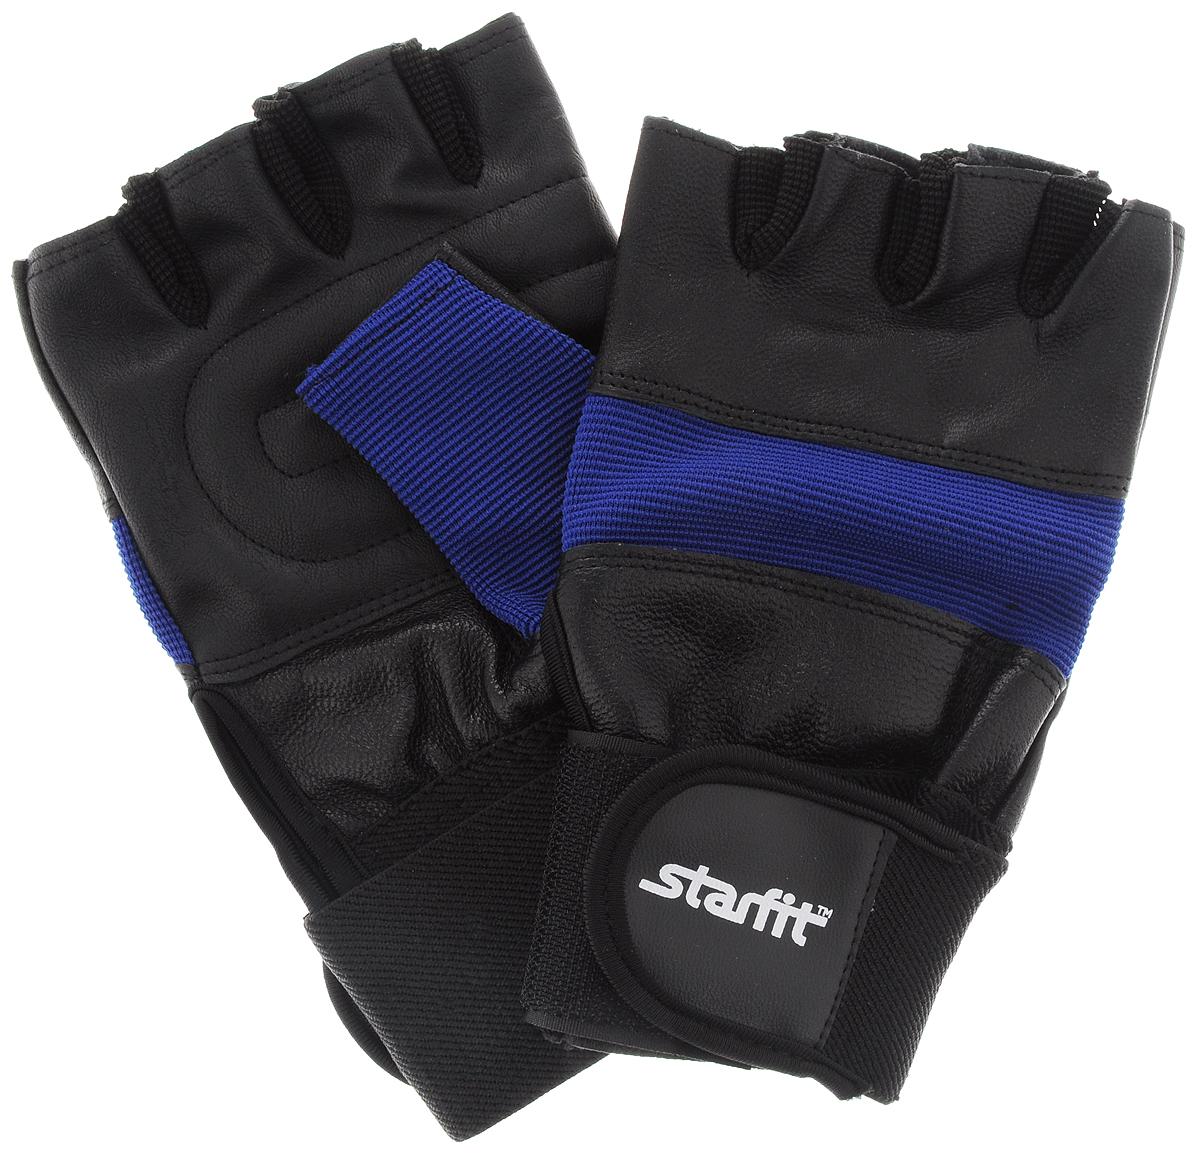 Перчатки атлетические Starfit SU-109, цвет: синий, черный. Размер LУТ-00008328Атлетические перчатки Star Fit SU-109 - это модель с поддержкой запястья. Они необходимы для безопасной тренировки со снарядами (грифы, гантели), во время подтягиваний и отжиманий. Перчатки минимизируют риск мозолей и ссадин на ладонях. Перчатки выполнены из нейлона, искусственной кожи, полиэстера и эластана. В рабочей части имеется вставка из тонкого поролона, обеспечивающего комфорт при тренировках. Размер перчатки (без учета большого пальца): 19 х 10,8 см.